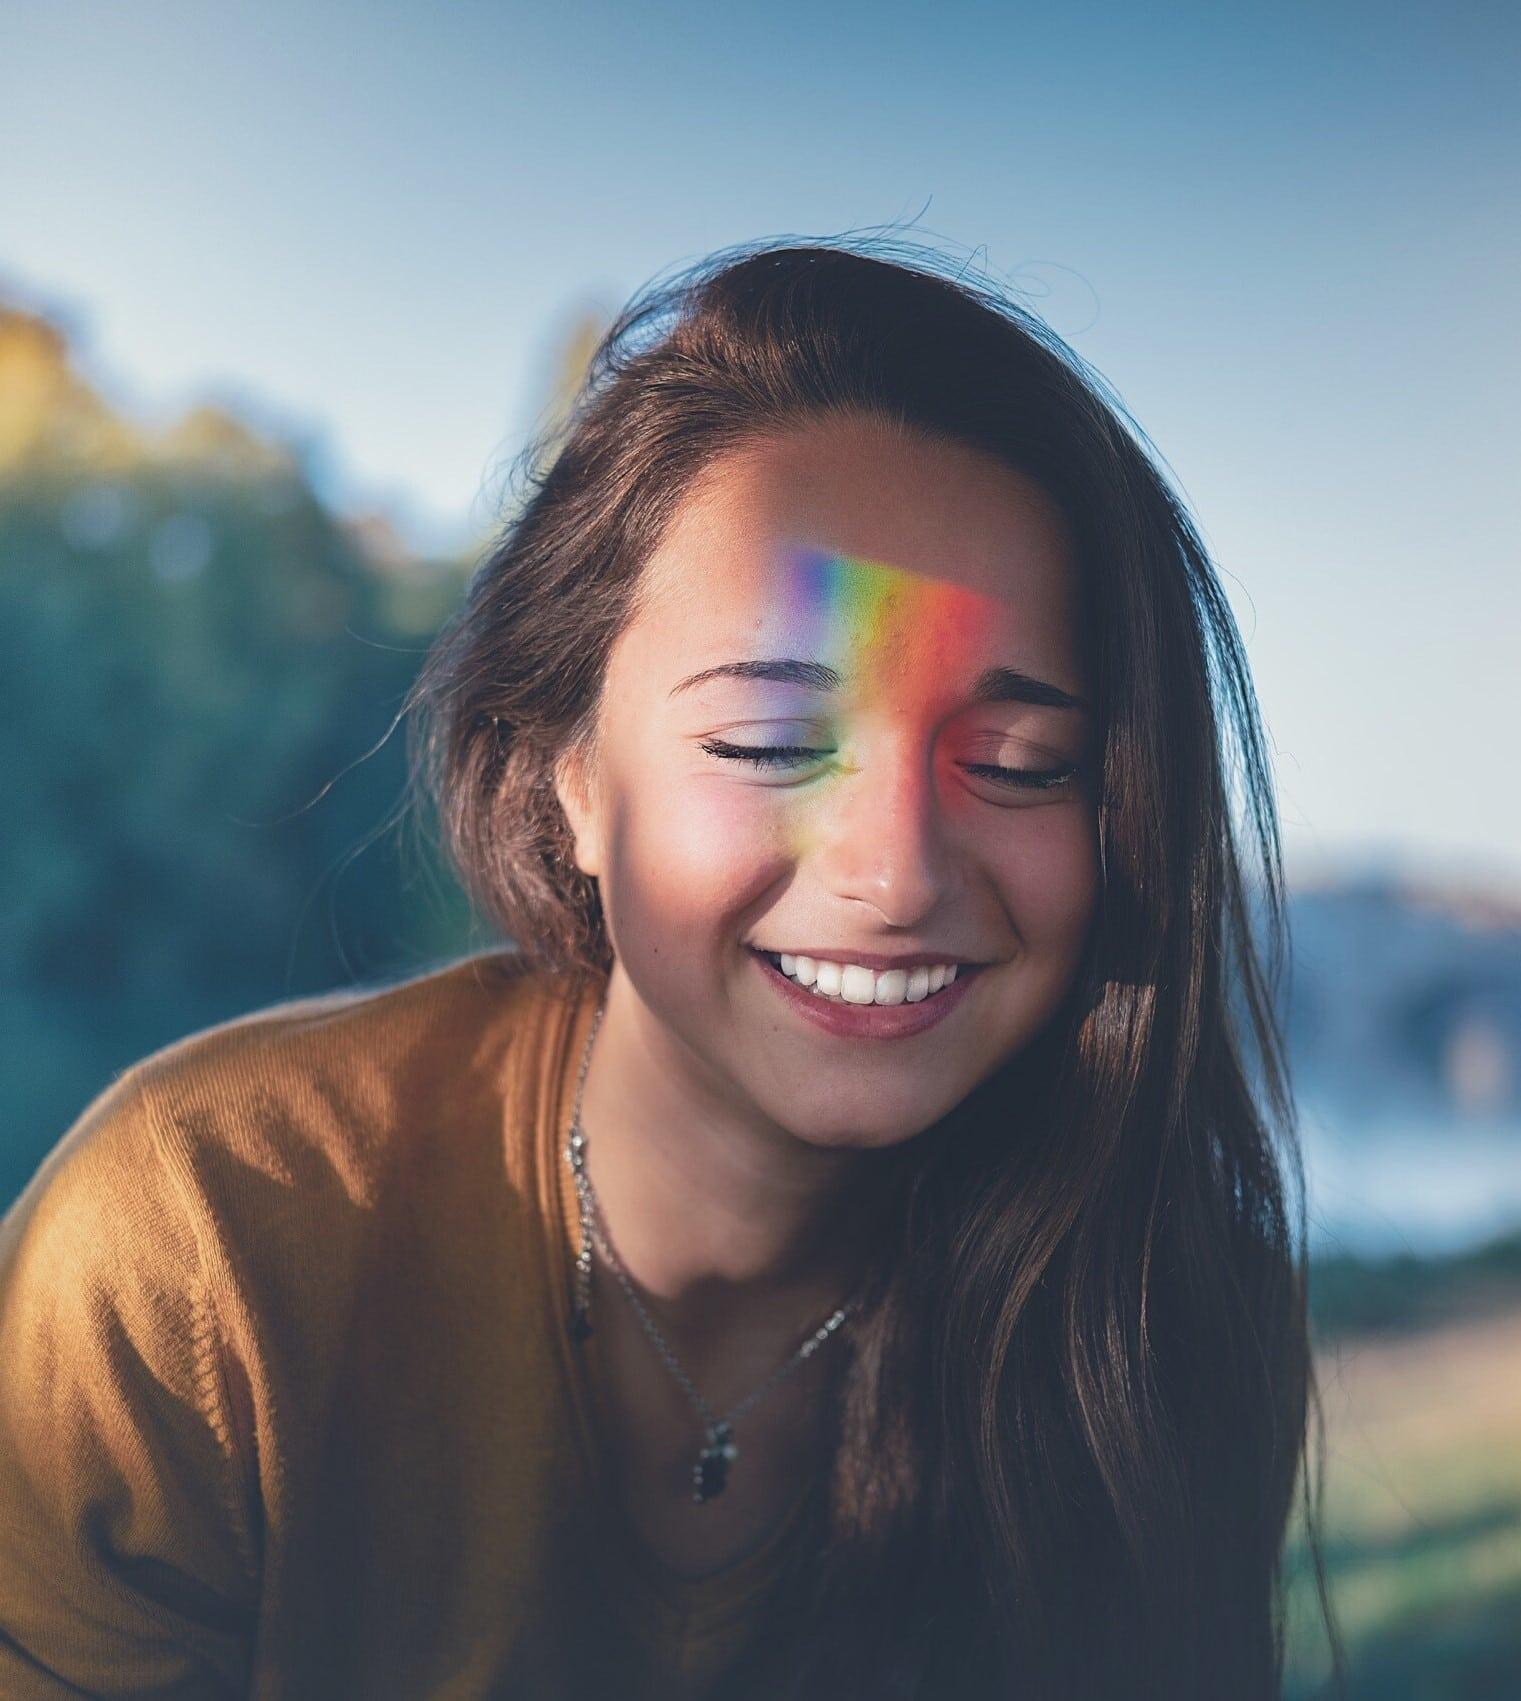 Mulher com os olhos fechado e sorrindo, com arco iris no rosto.